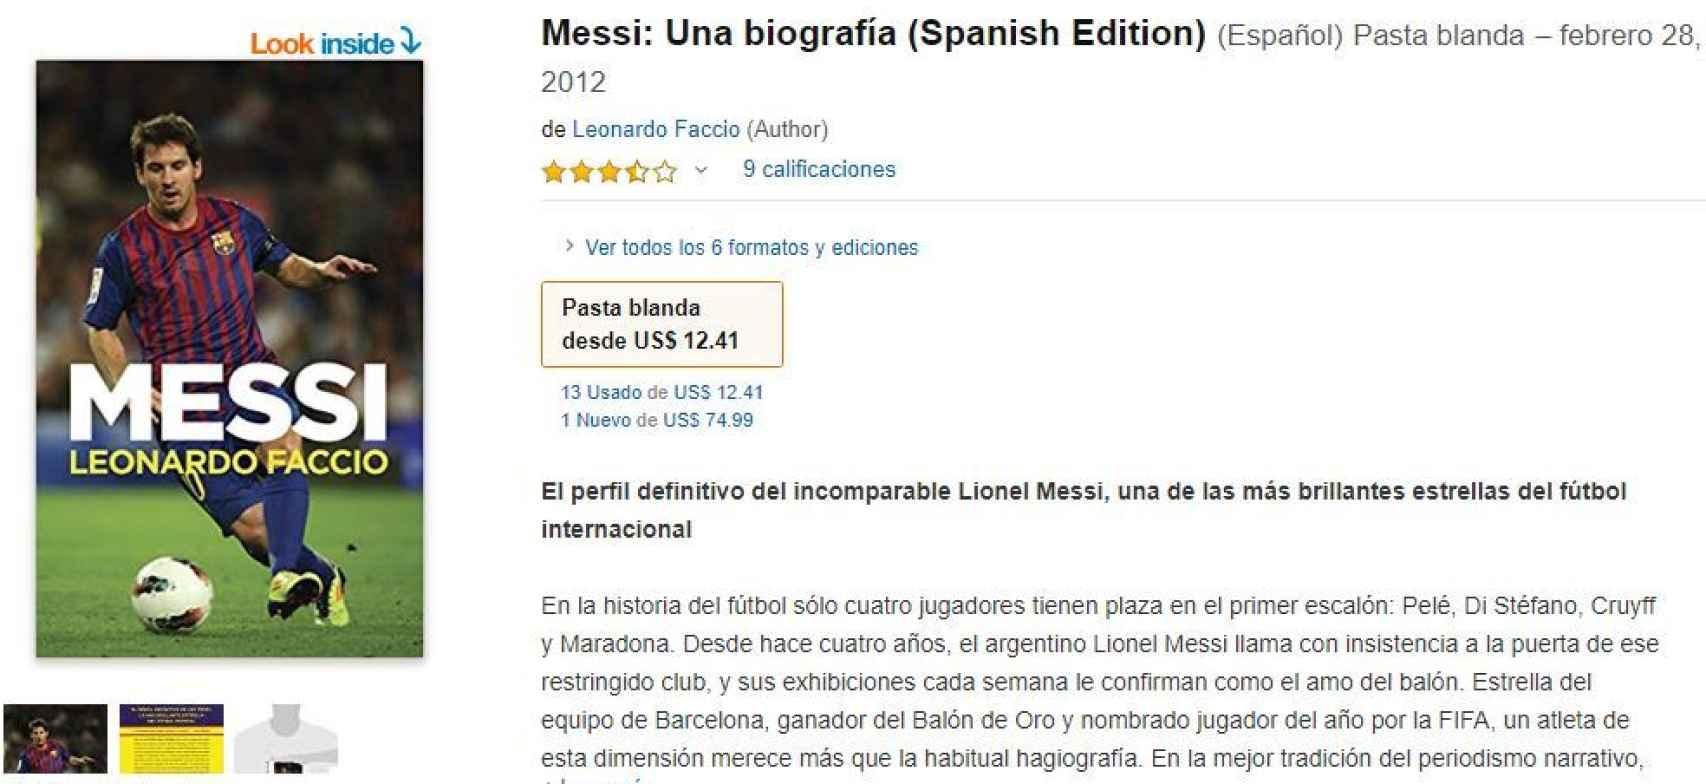 Leonardo Faccio también escribió la biografía no autorizada de Messi.